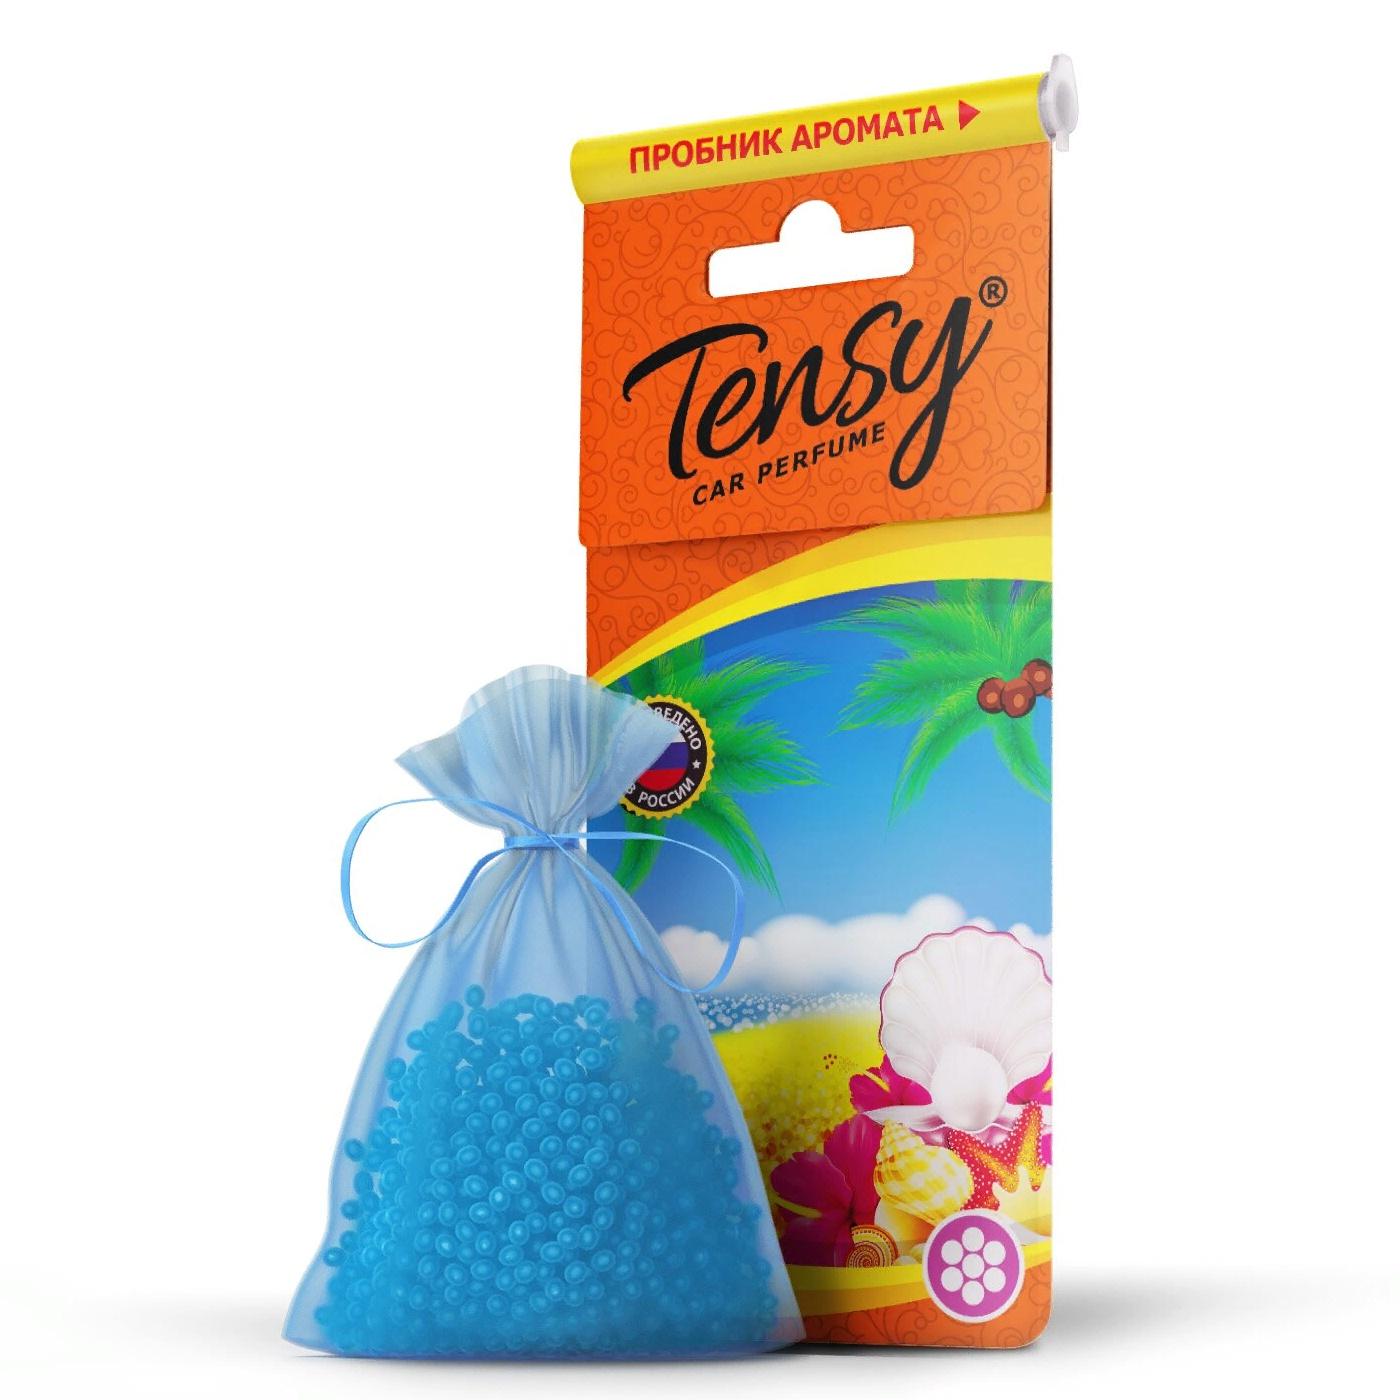 Автомобильный ароматизатор Tensy мешочек, основа гранулы, Океан мешочек ароматизатор 4 буквы